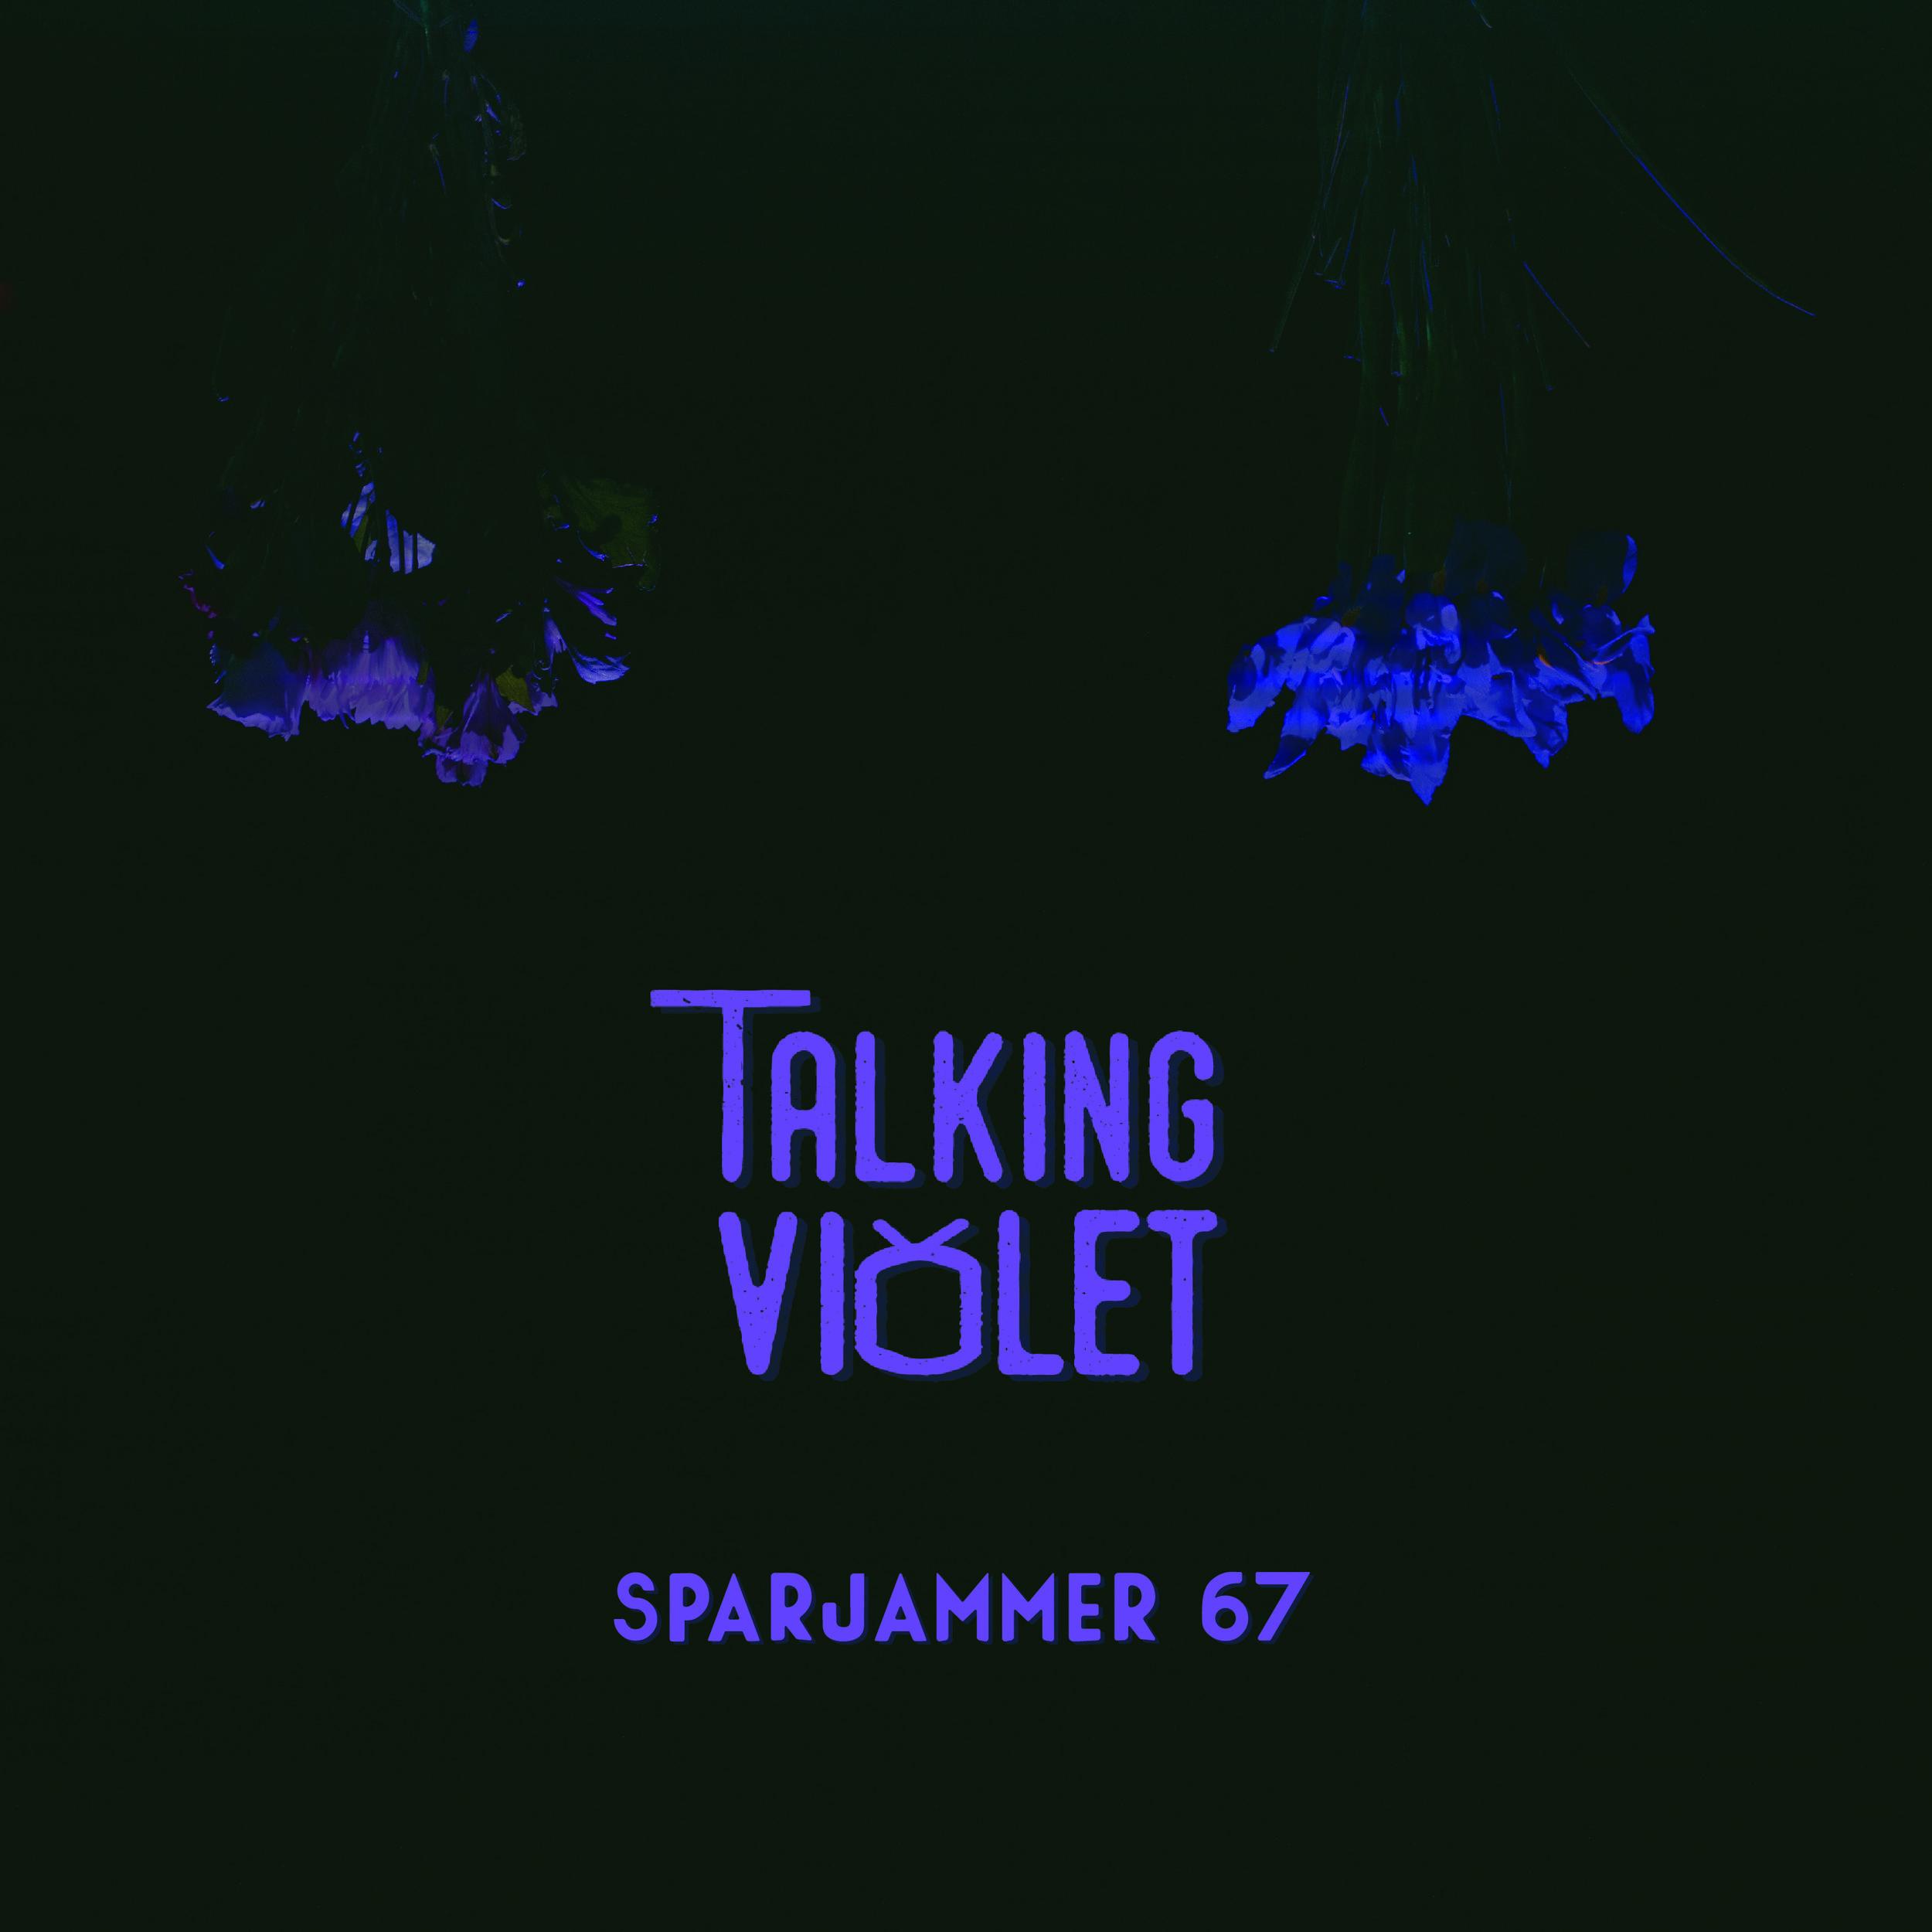 talkingvioletart.jpg